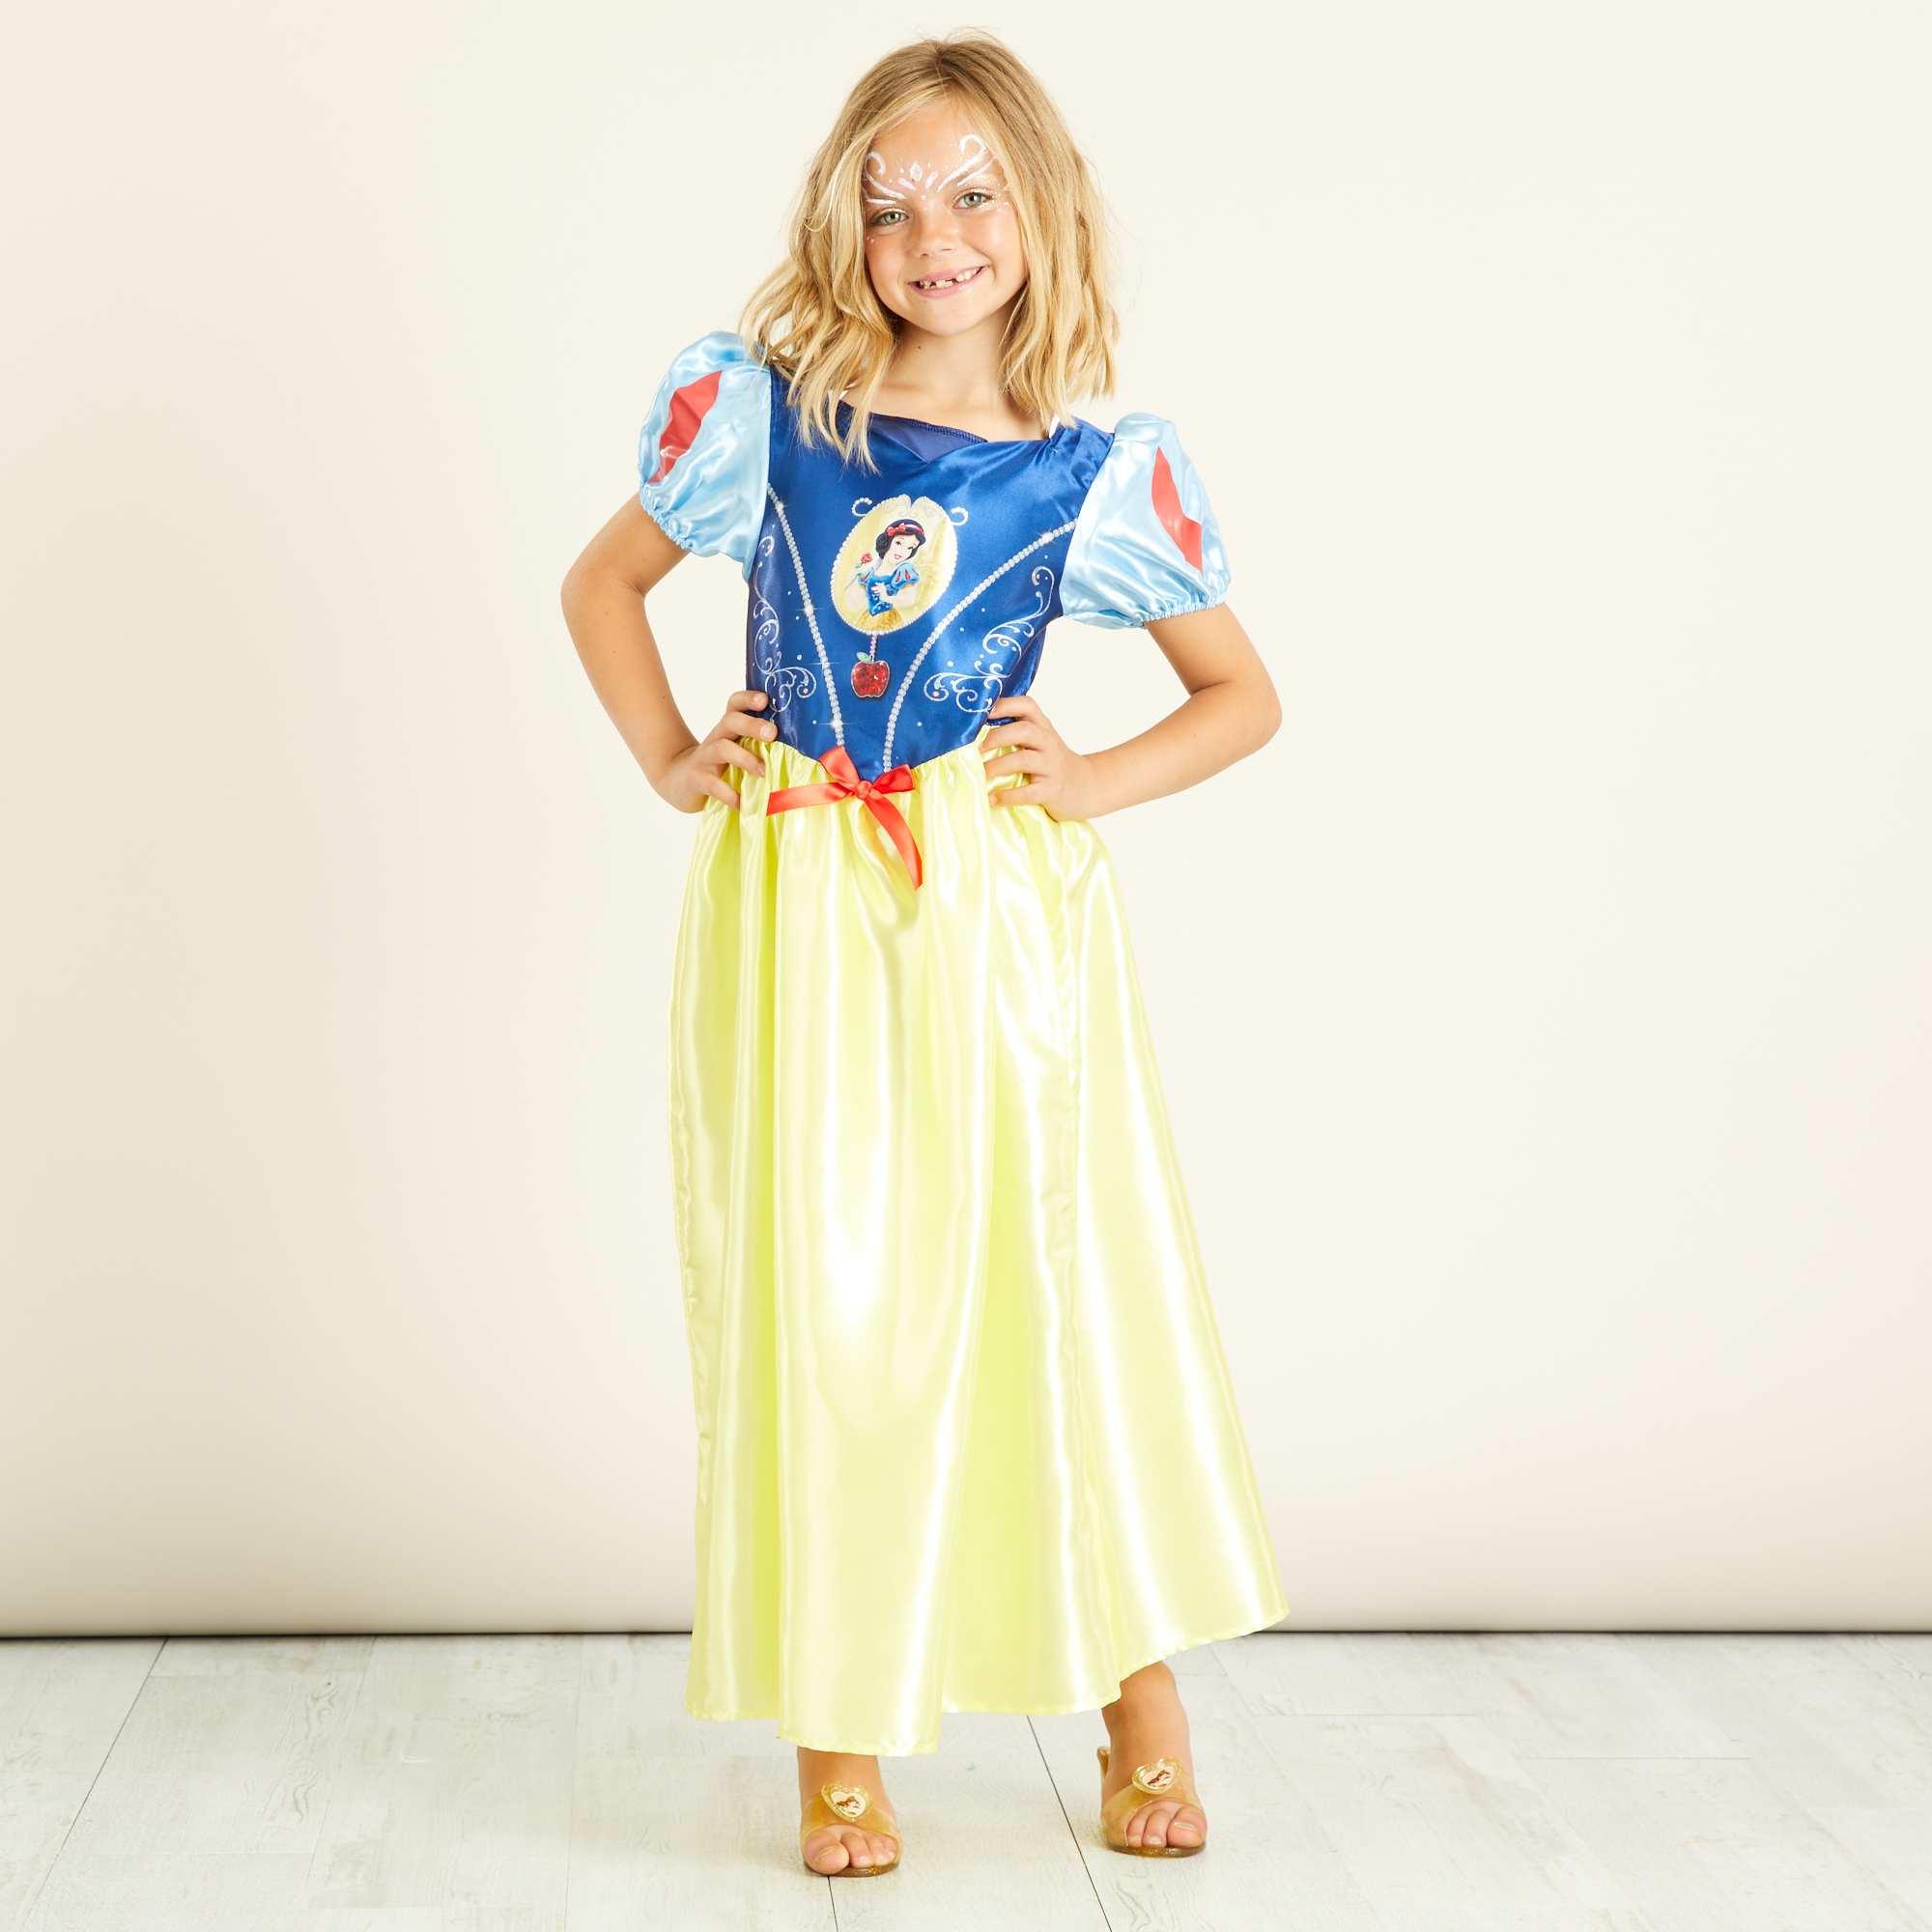 D guisement de 39 blanche neige 39 enfant jaune kiabi 25 00 - La princesse blanche neige ...